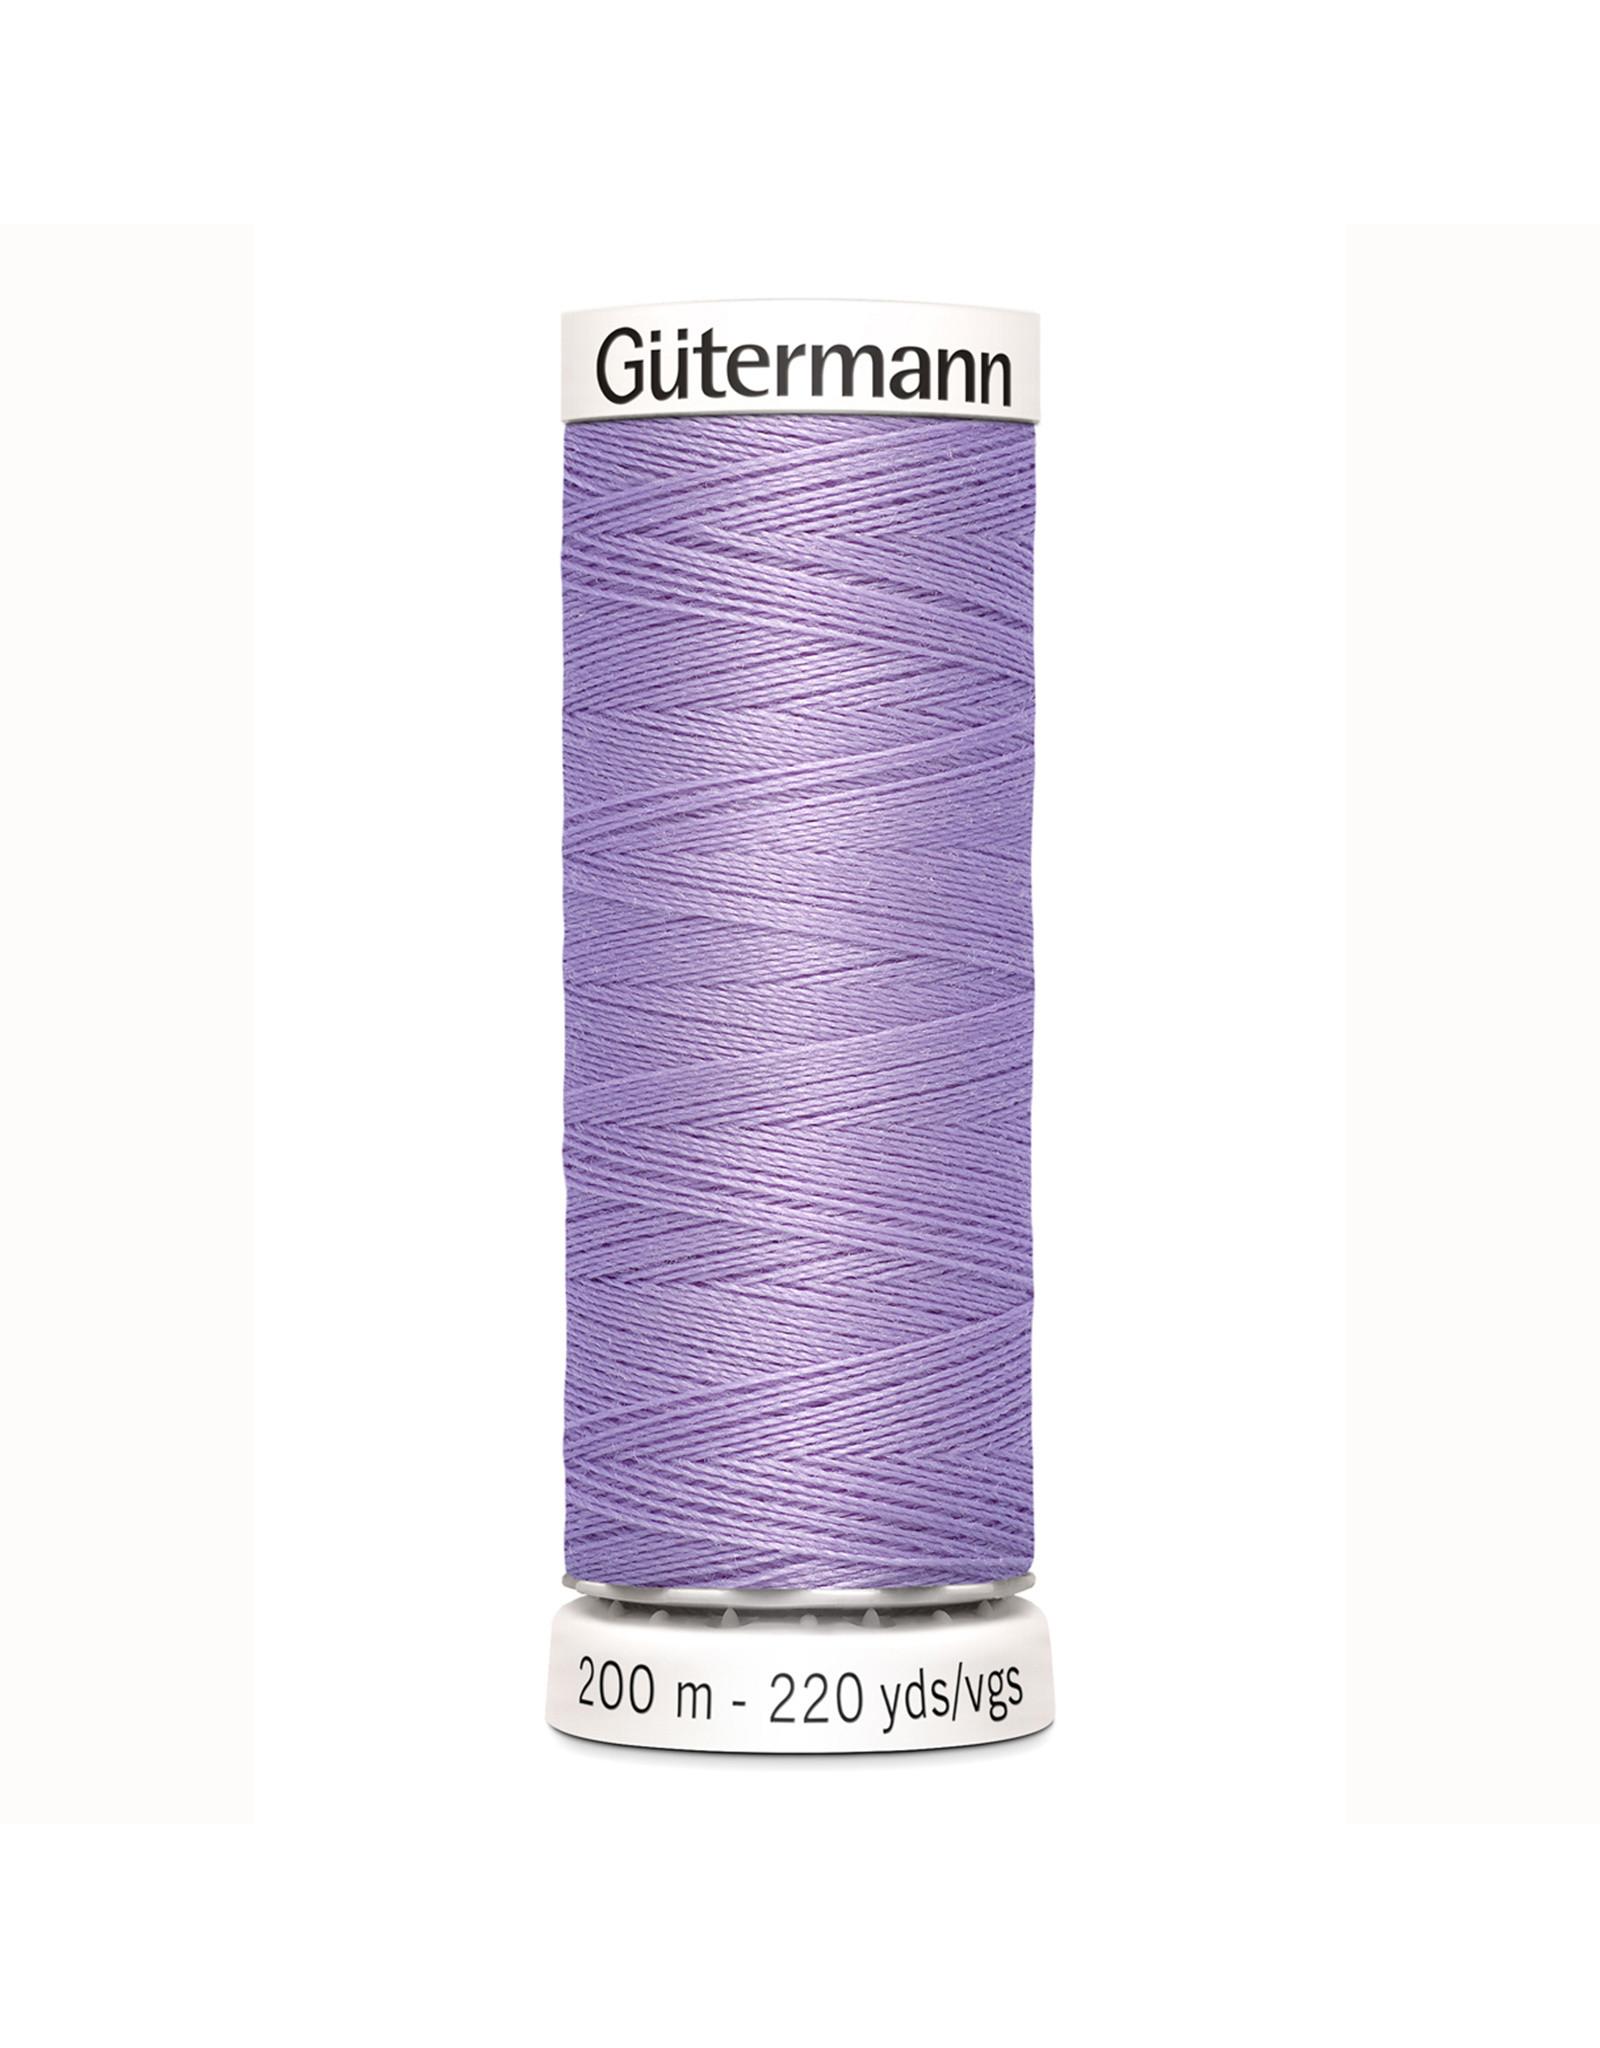 Gütermann Gütermann Nähgarn 200 m - nr 158